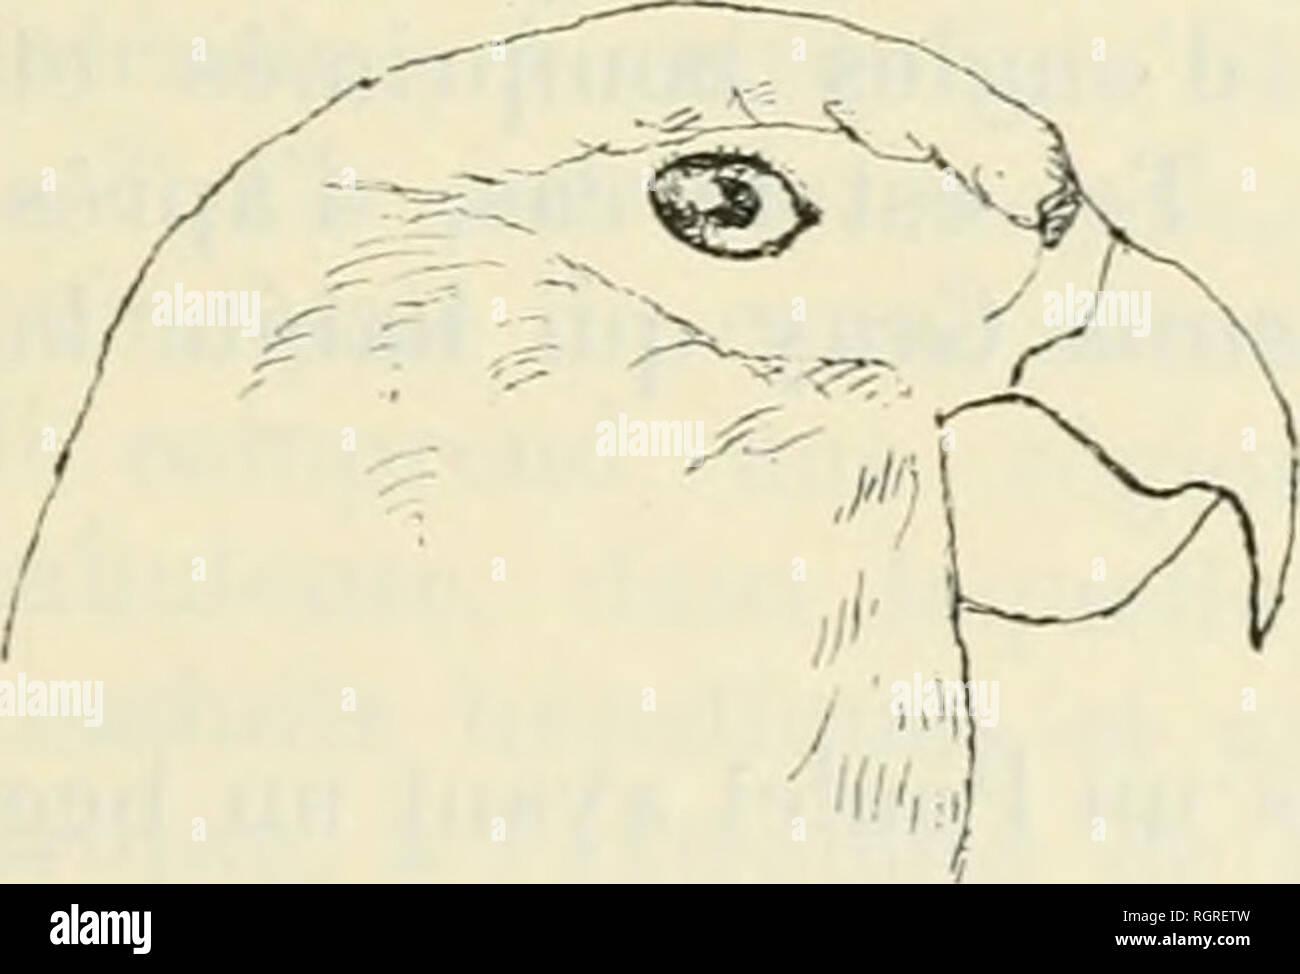 """. Bulletin de la Société zoologique de France. Zoologia. SÃANCE DU 24 DKCE.MllllK 1907 165 3. _ Gk^k,,: ELMINIUS E. plicatus J. E. grigio. Sur coquille d'IIiiitre. Rochers des Praslins et sur fraguients de roches provenant des iles CoÃ""""Livio (Archipel des Seychelles). E. Darw simplex. Sur de lubrificazione Serpulien. Rochers de auto- gados Carajos. 4. - Genrk CREUSIA. C. sphiulosa Leach; Sur Madrépori. Banc de Saya de Malha, par oO mètres de fond. SUR UNE PERRUCHE PRÃSENTANT UNE CURIEUSE DÃFORMATION DU BEC PAR E. TROUESSART M. Trouessart présente, de la parte de M, Petit ahié, qui s'scusa de ne pouvoi Foto Stock"""